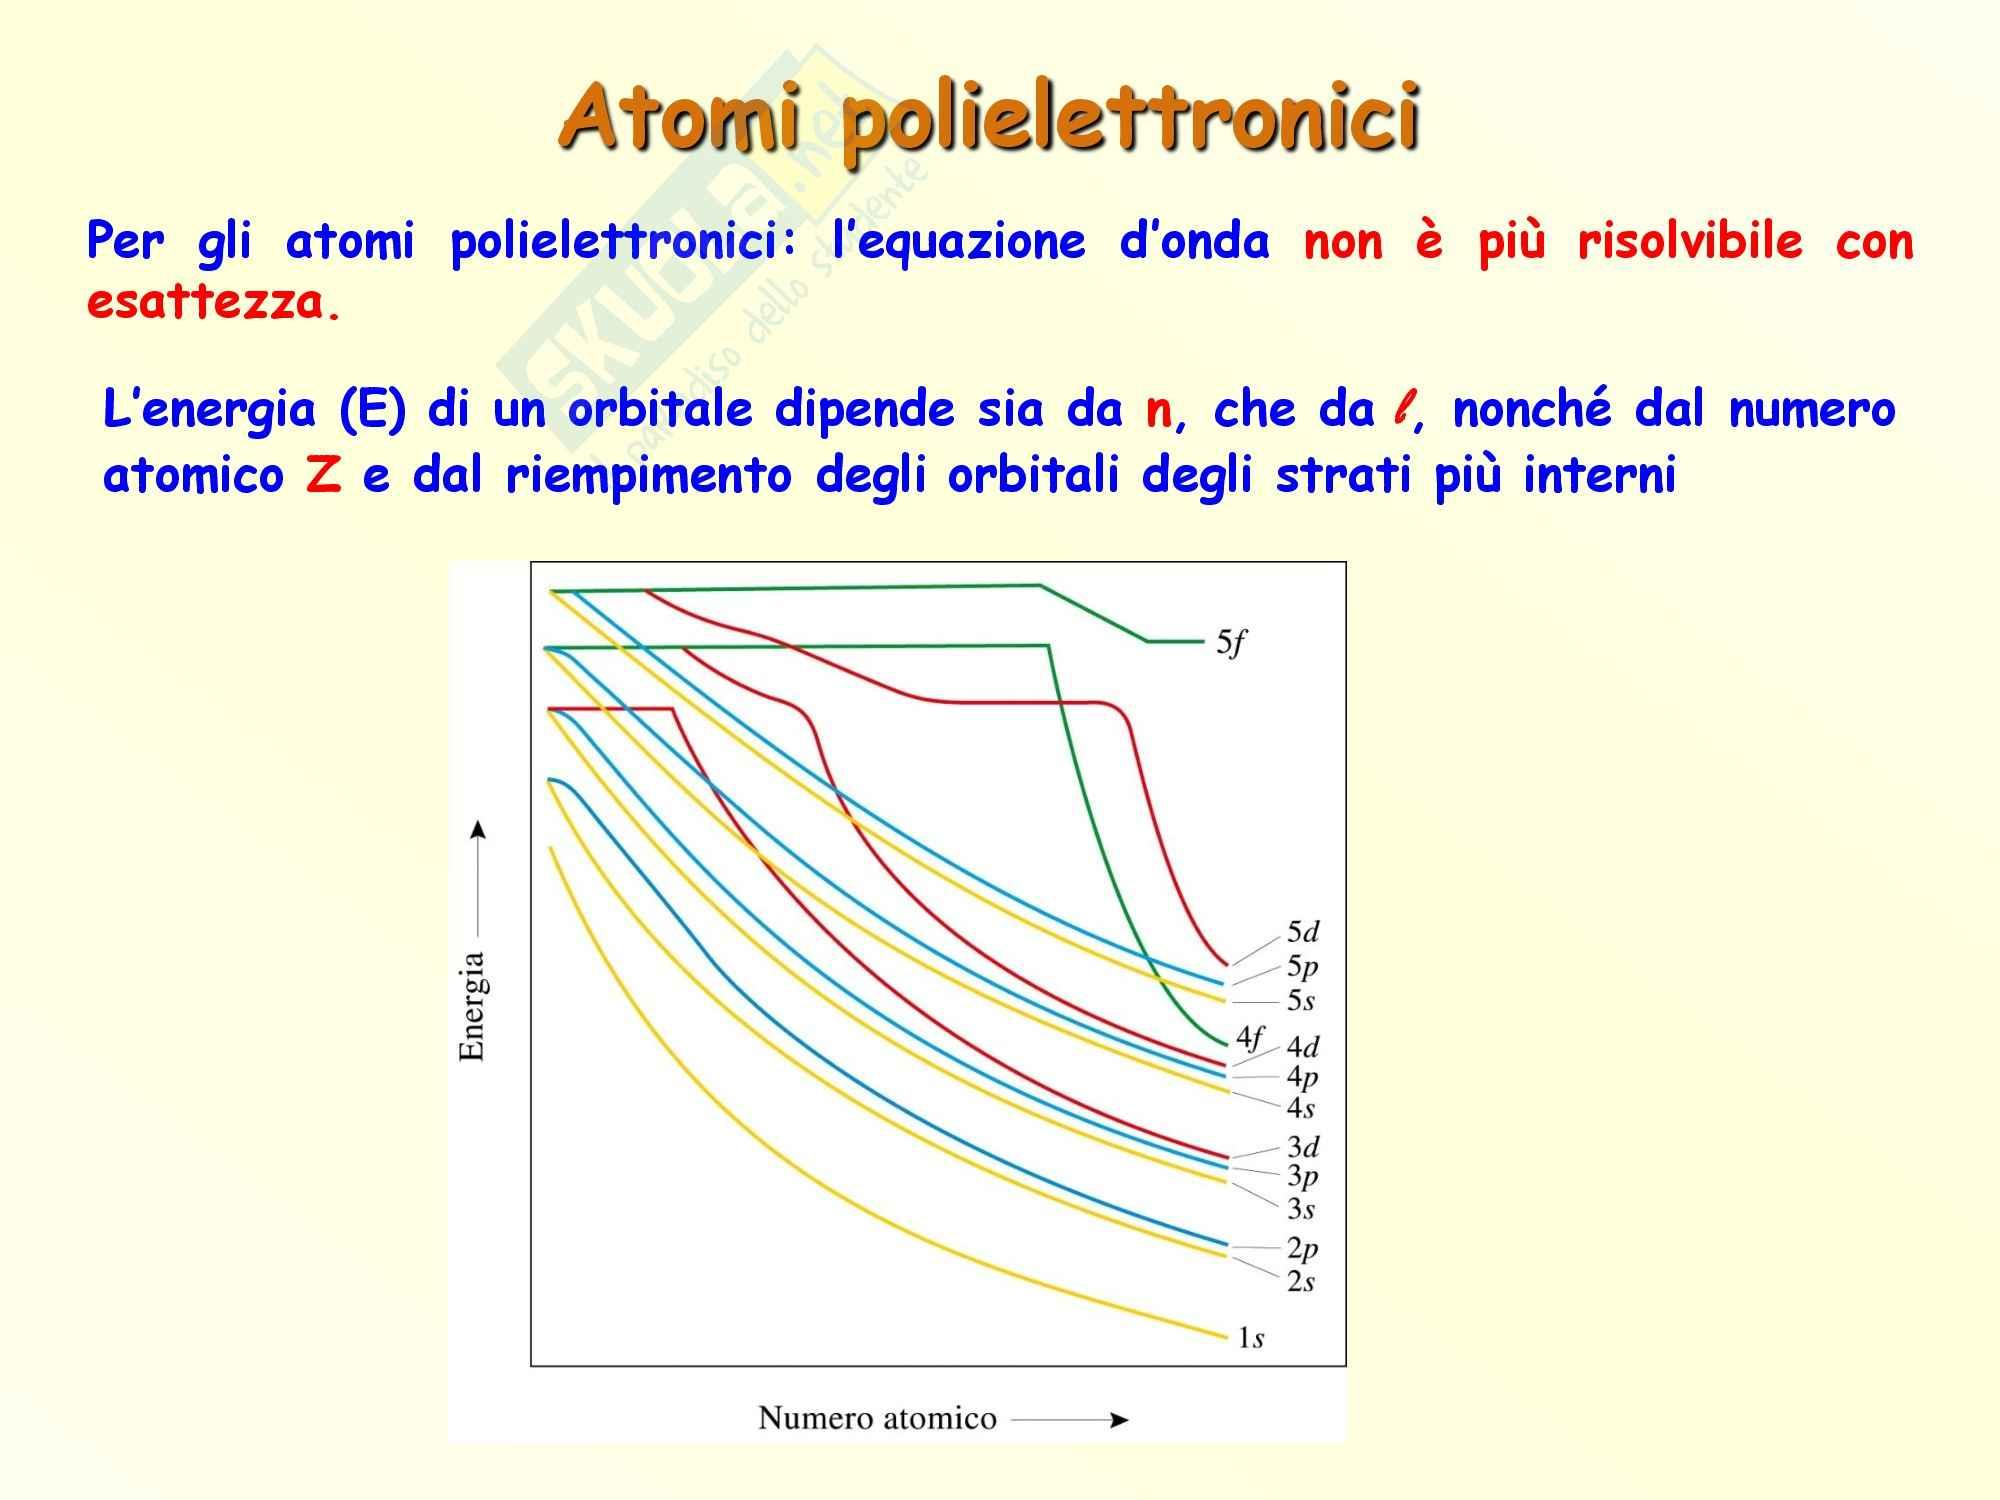 Chimica inorganica - regole di riempimento degli orbitali